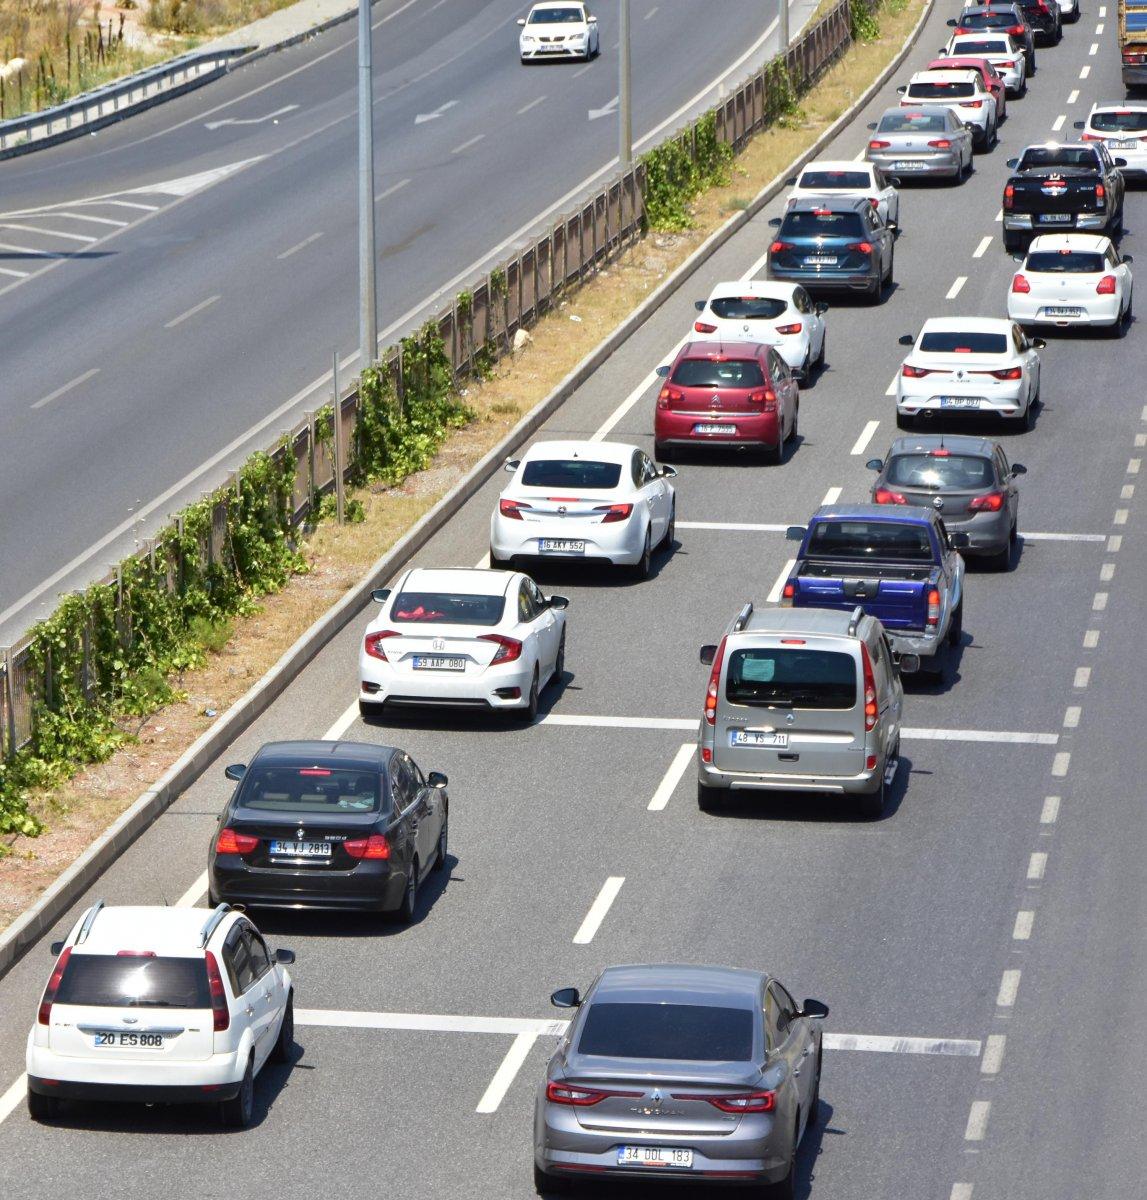 Muğla ya tatilci akını: 8 kilometrelik araç kuyruğu oluştu #3